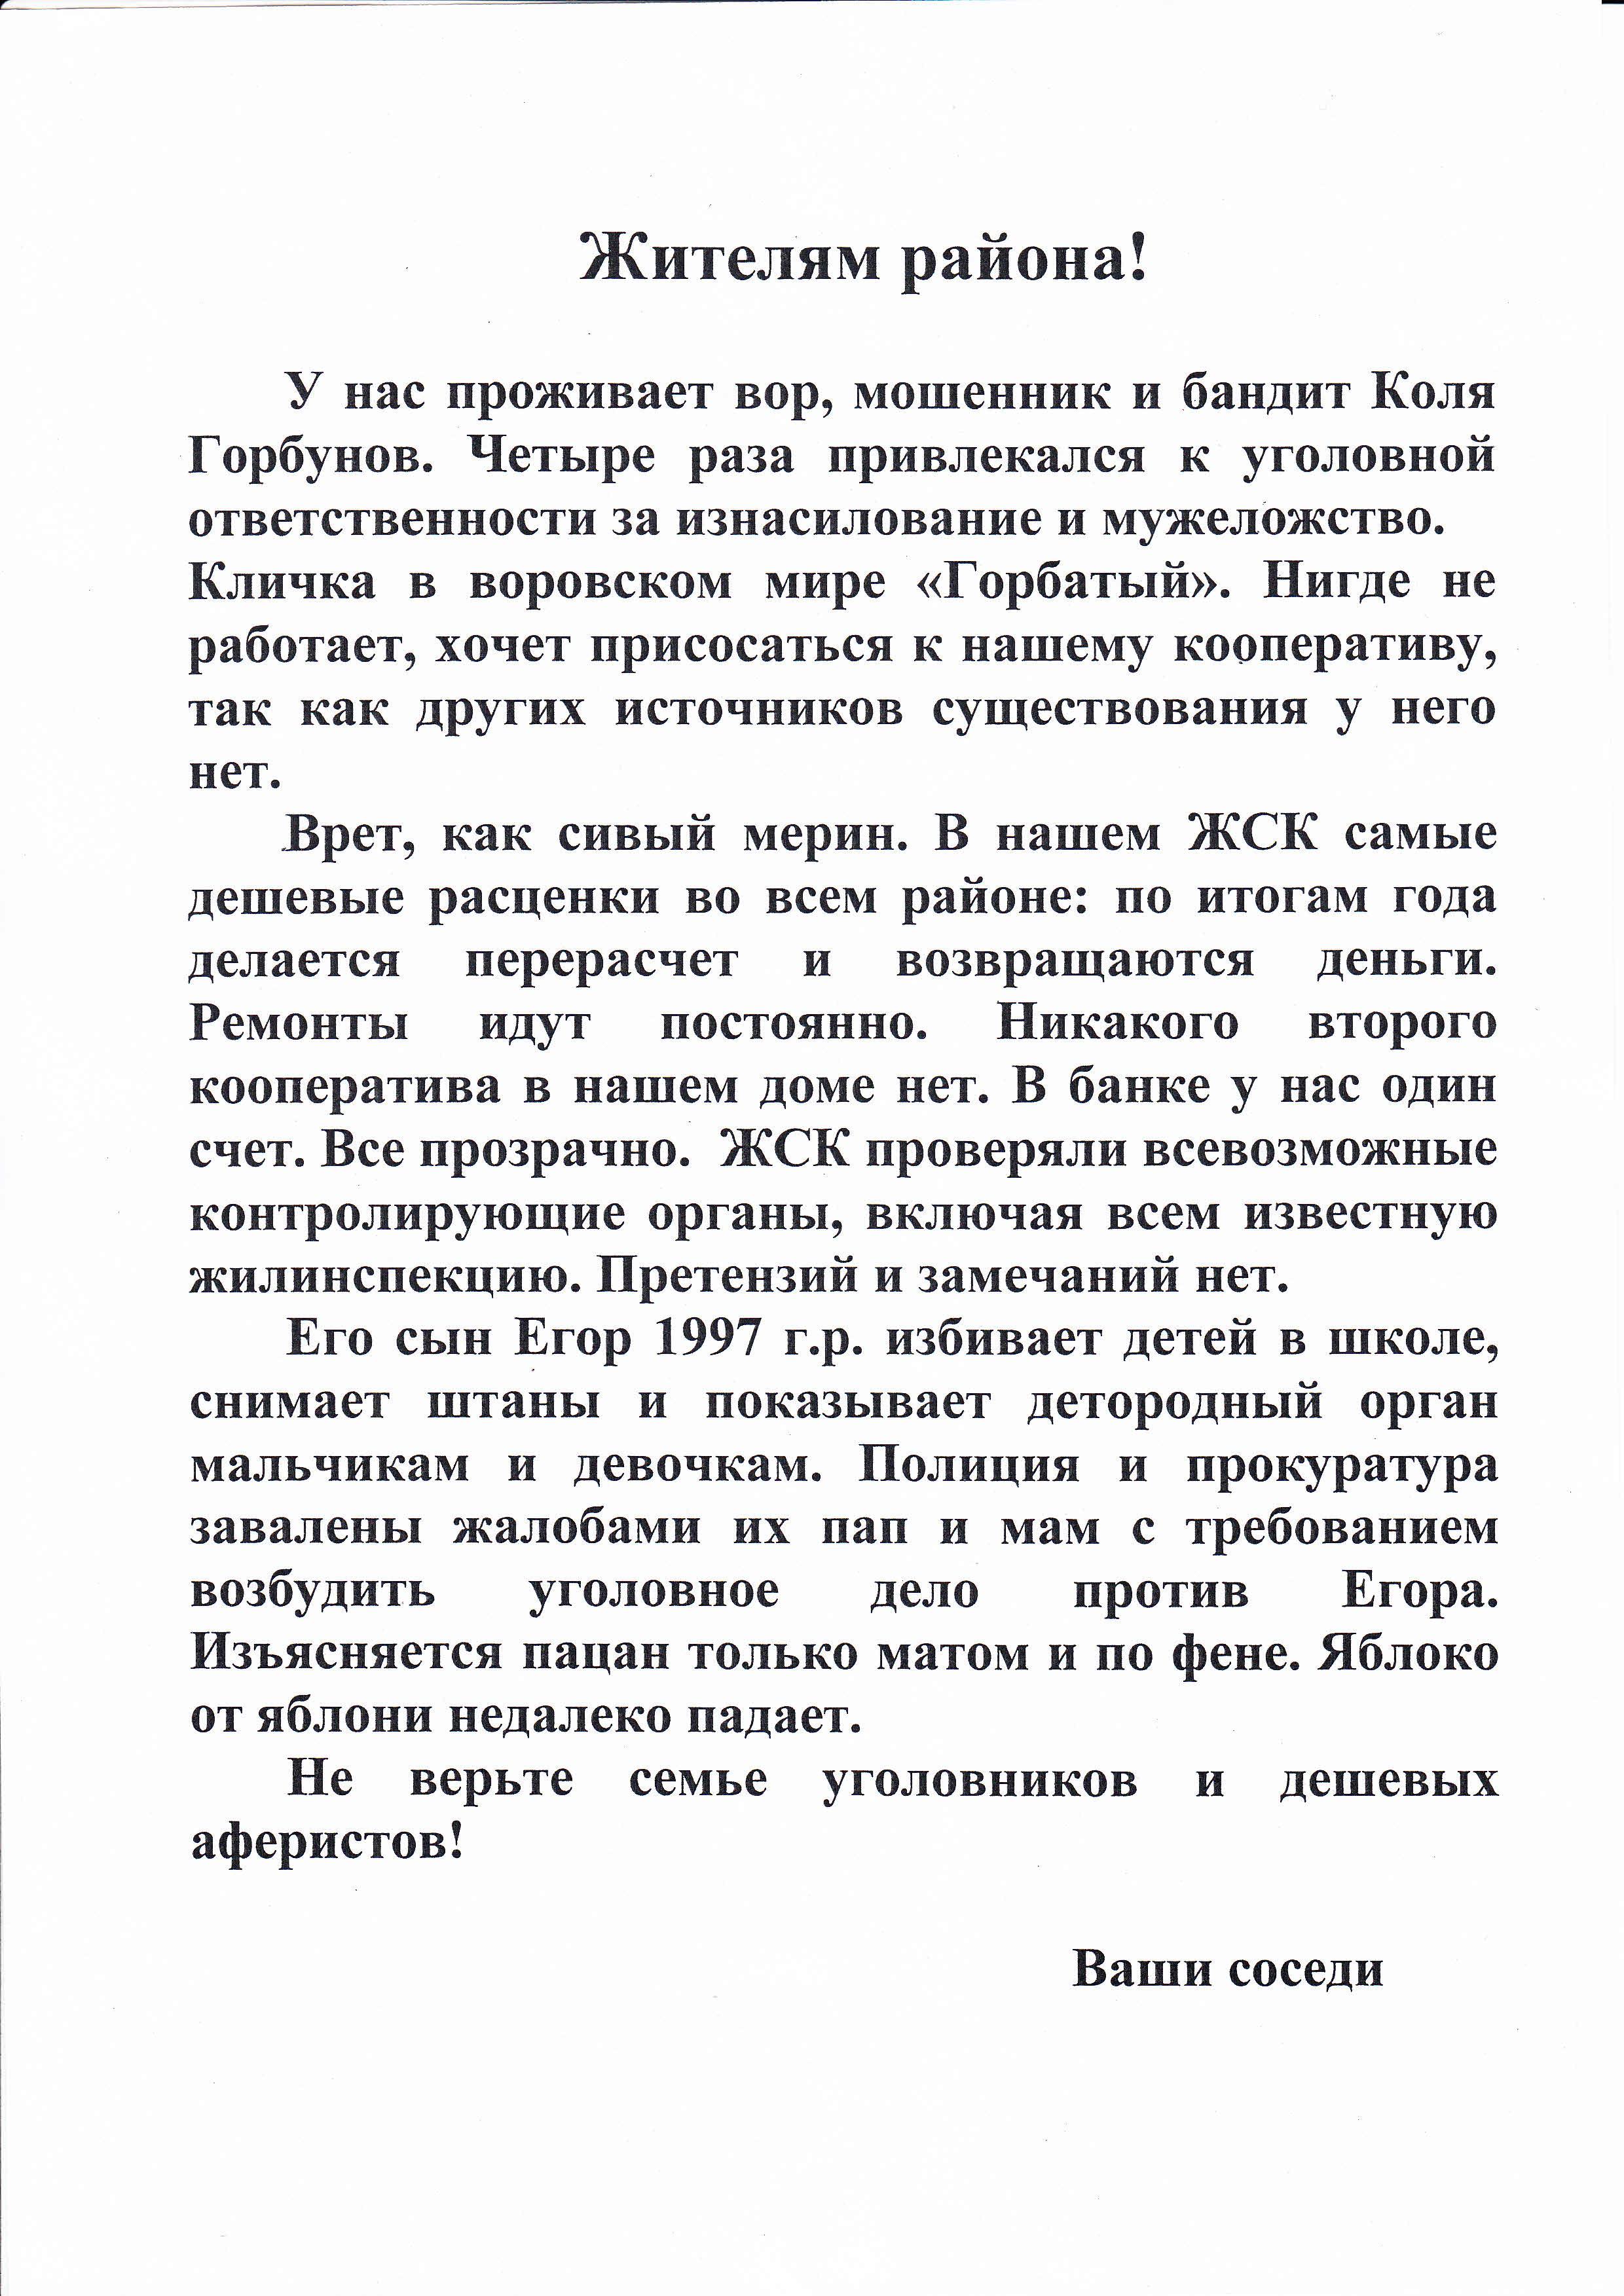 листовка Горбунов